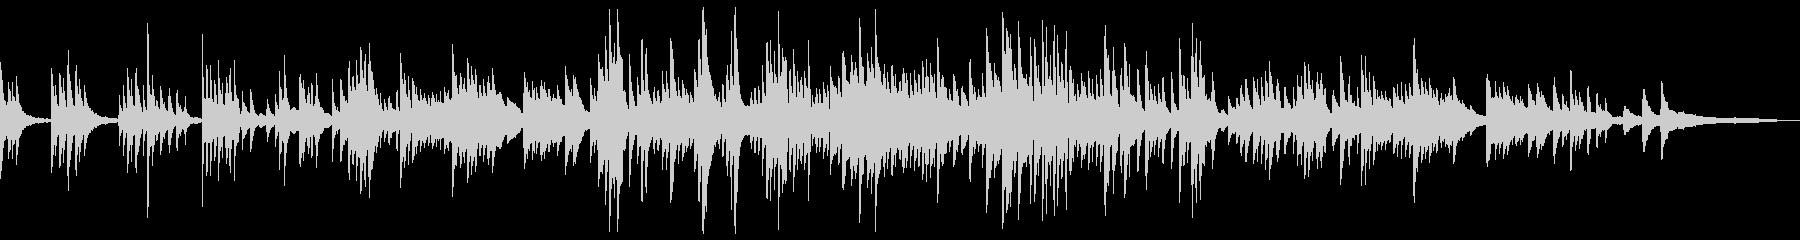 わらべ歌の和風曲2a-タックピアノの未再生の波形